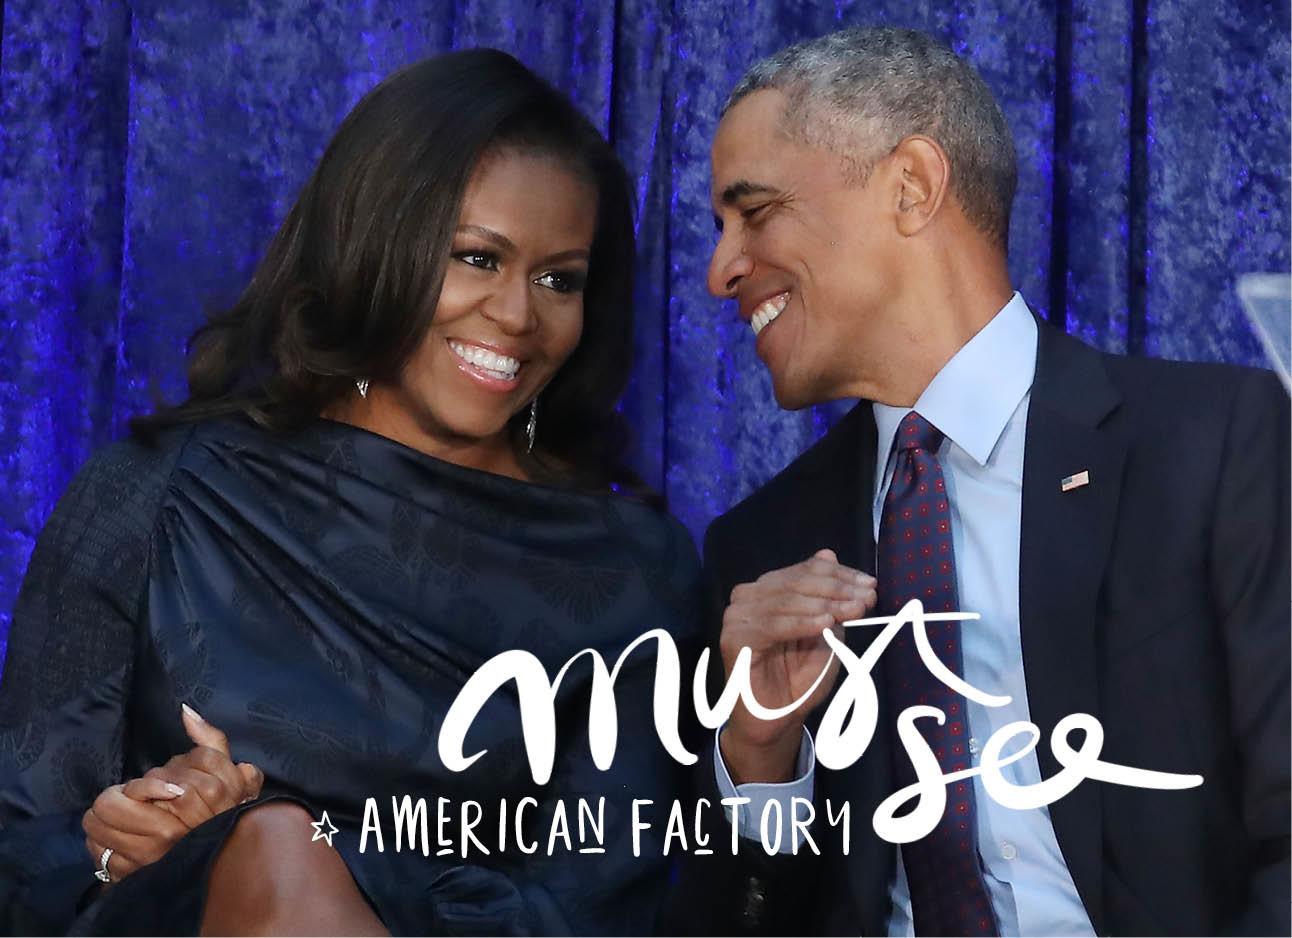 Michelle en Barack Obama zitten samen voor een blauw doek, zij draagt een jurk hij een pak, en ze lachen naar elkaar